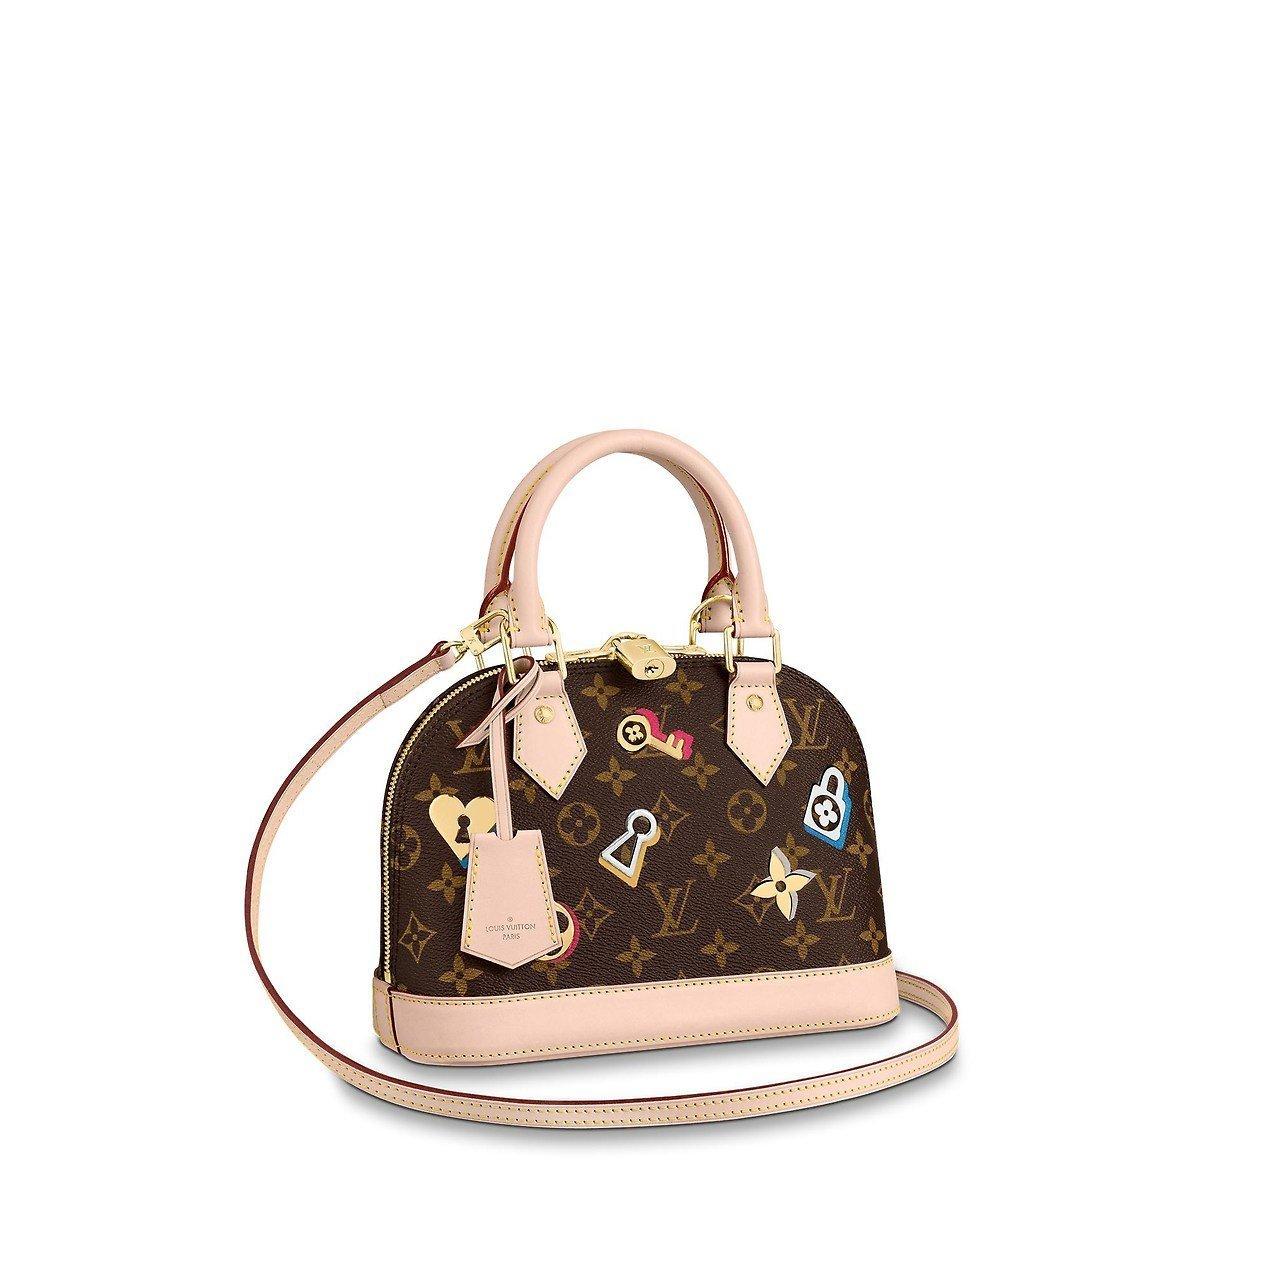 Nuova rivisitazione borsa Alma Louis Vuitton prezzo 1420 euro collezione 2019